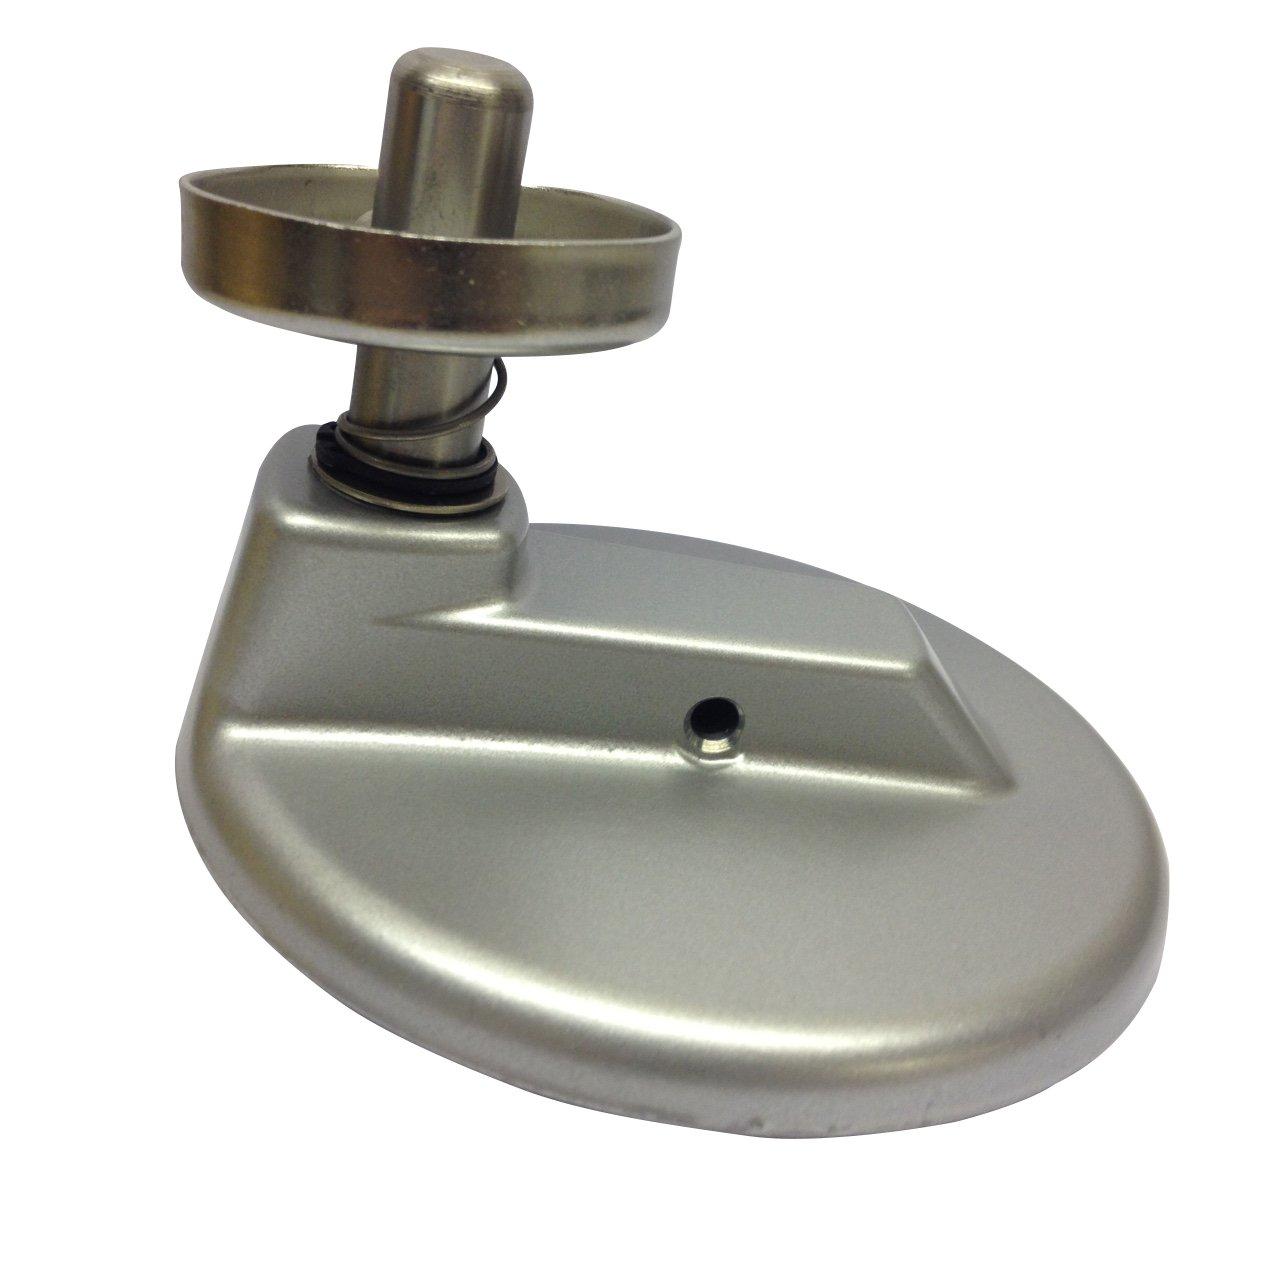 KitchenAid 7QT (6.9l) mixer planetario in argento metallizzato. W10452357